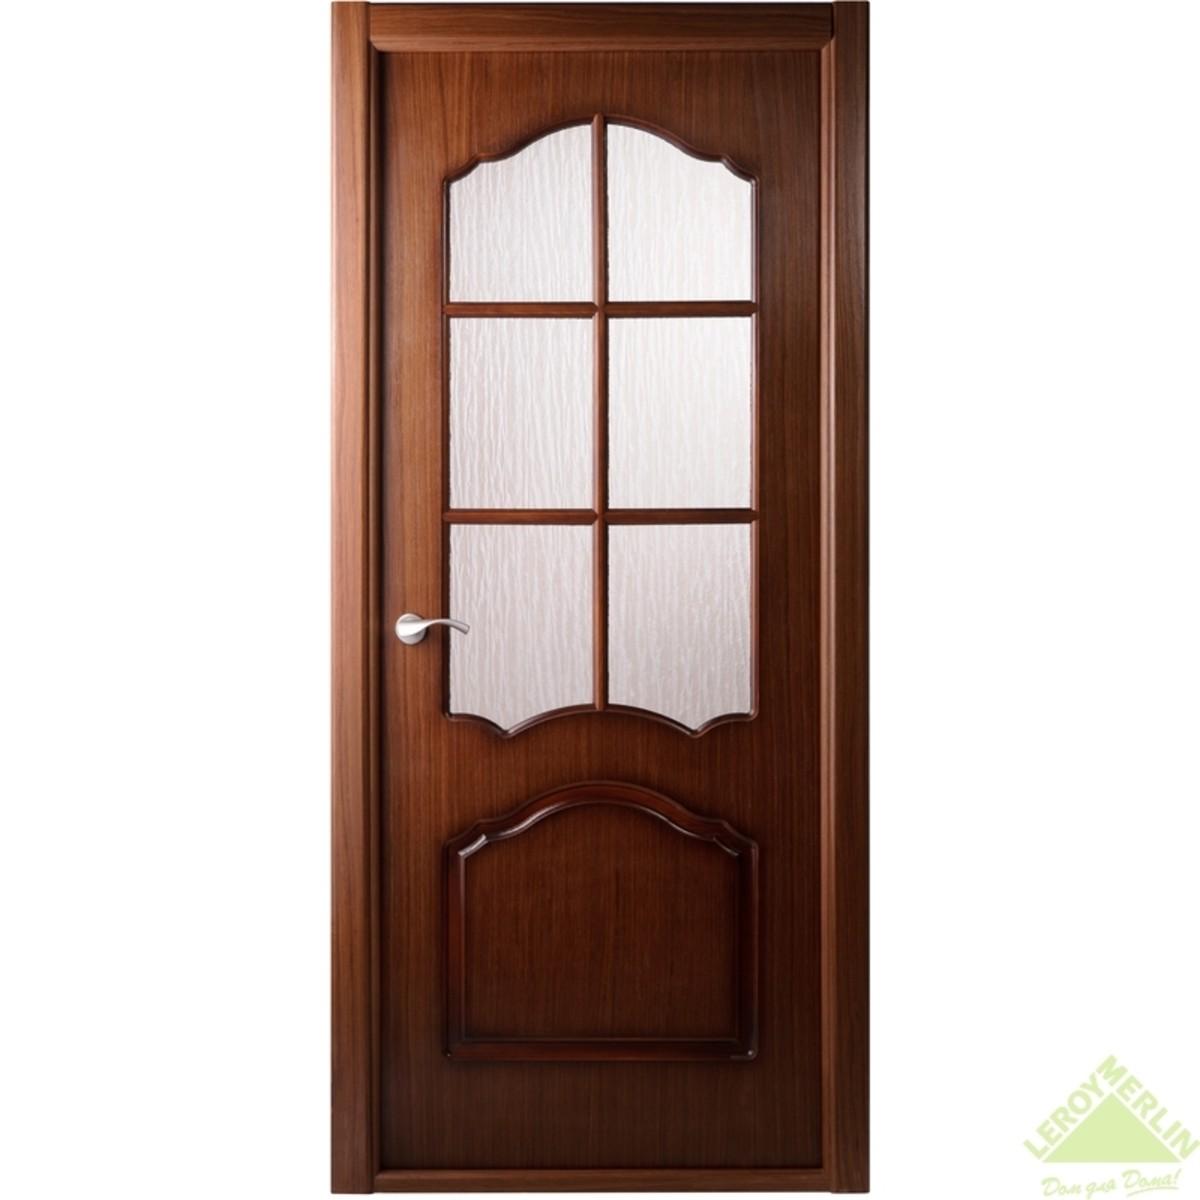 Дверь межкомнатная остеклённая Каролина 600x2000 мм орех